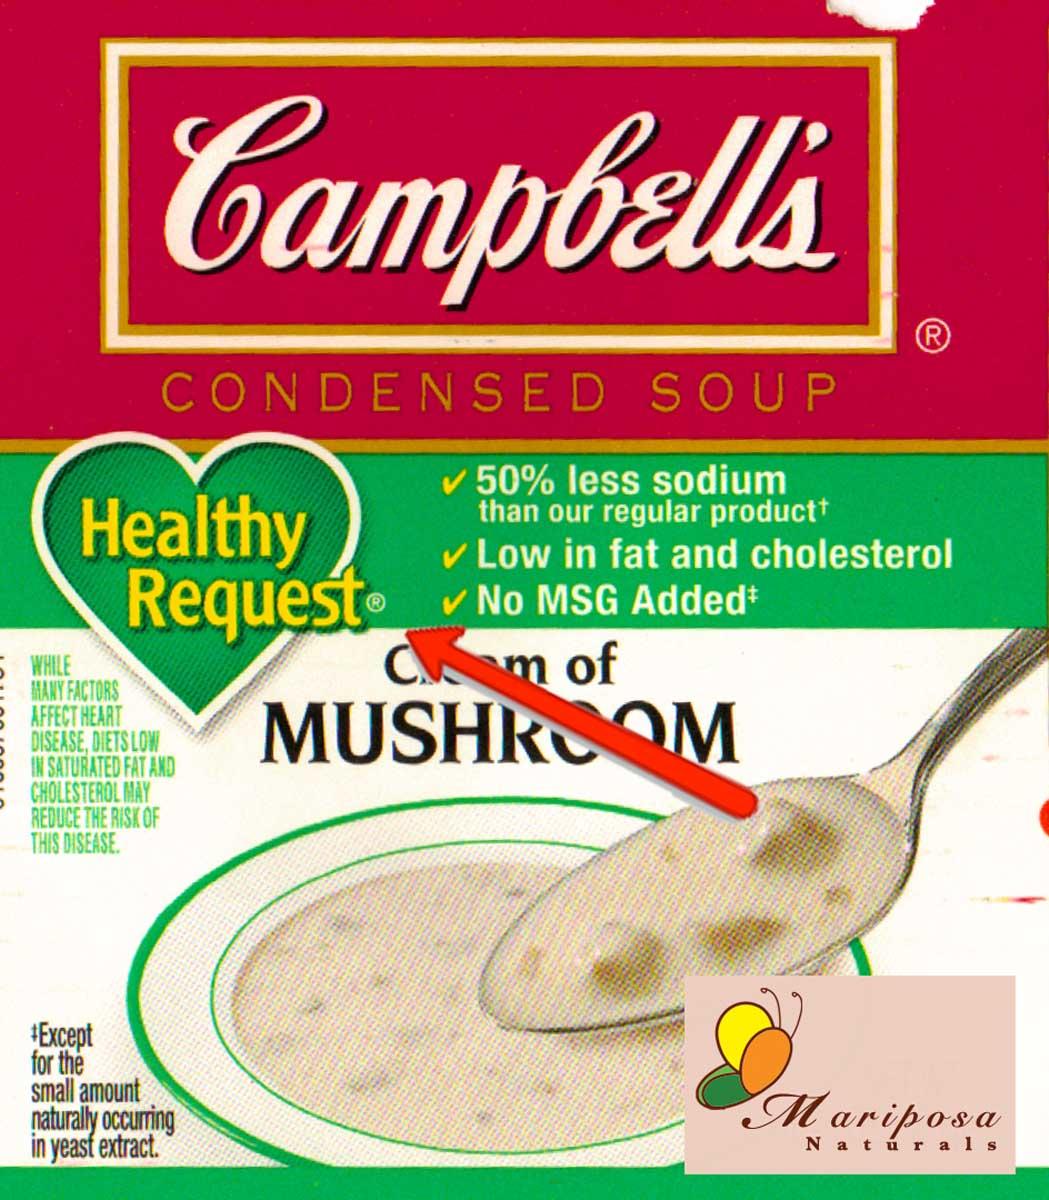 Food Nutrition Label Healthy